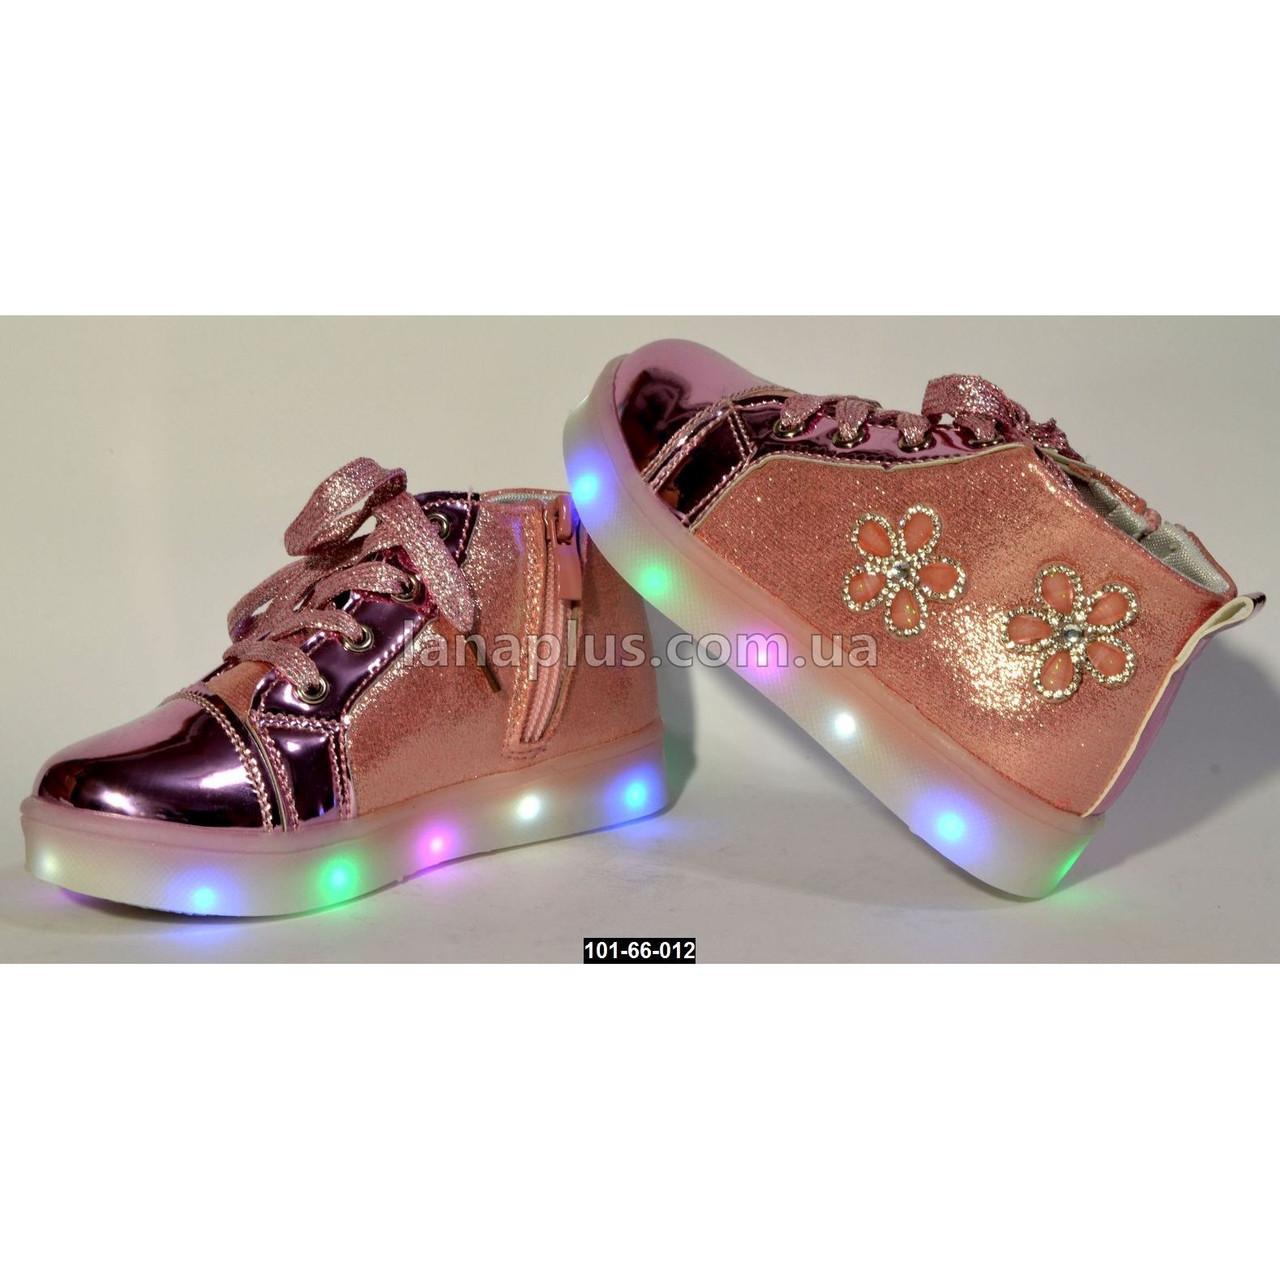 Демисезонные ботинки с мигалками для девочки, 28 размер (17.3 см), кожаная стелька, супинатор